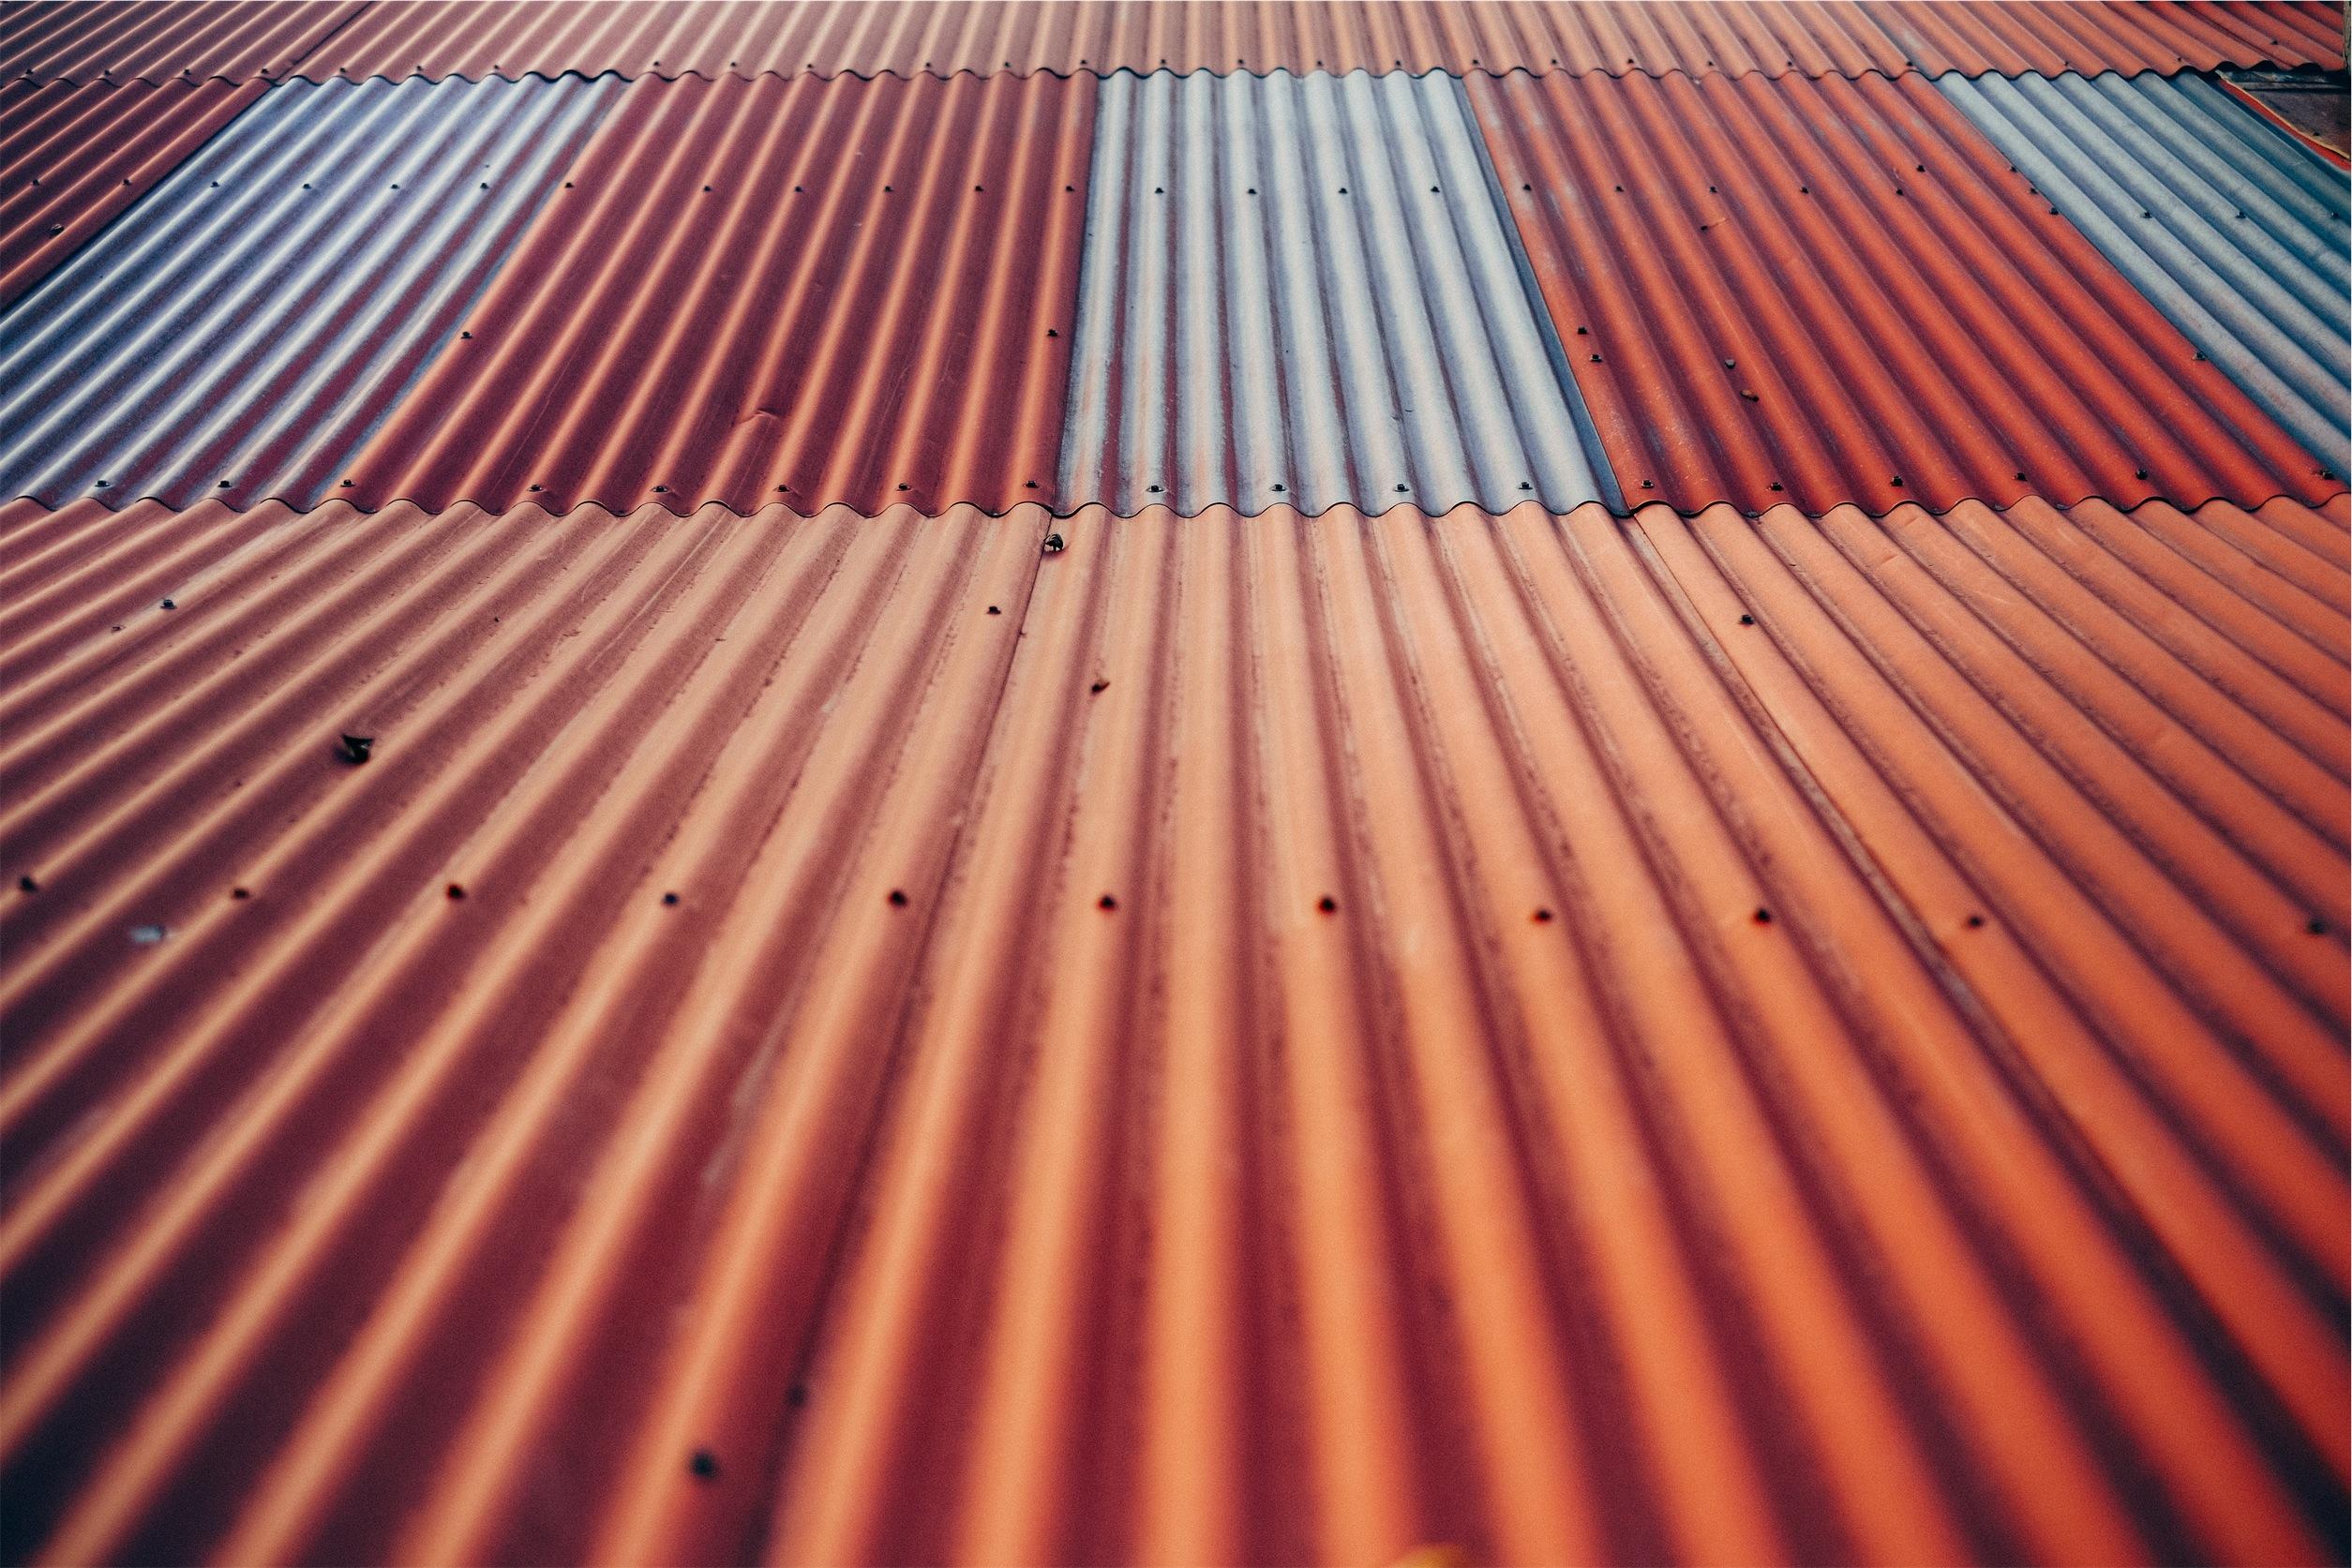 Appareil de nettoyage de toiture